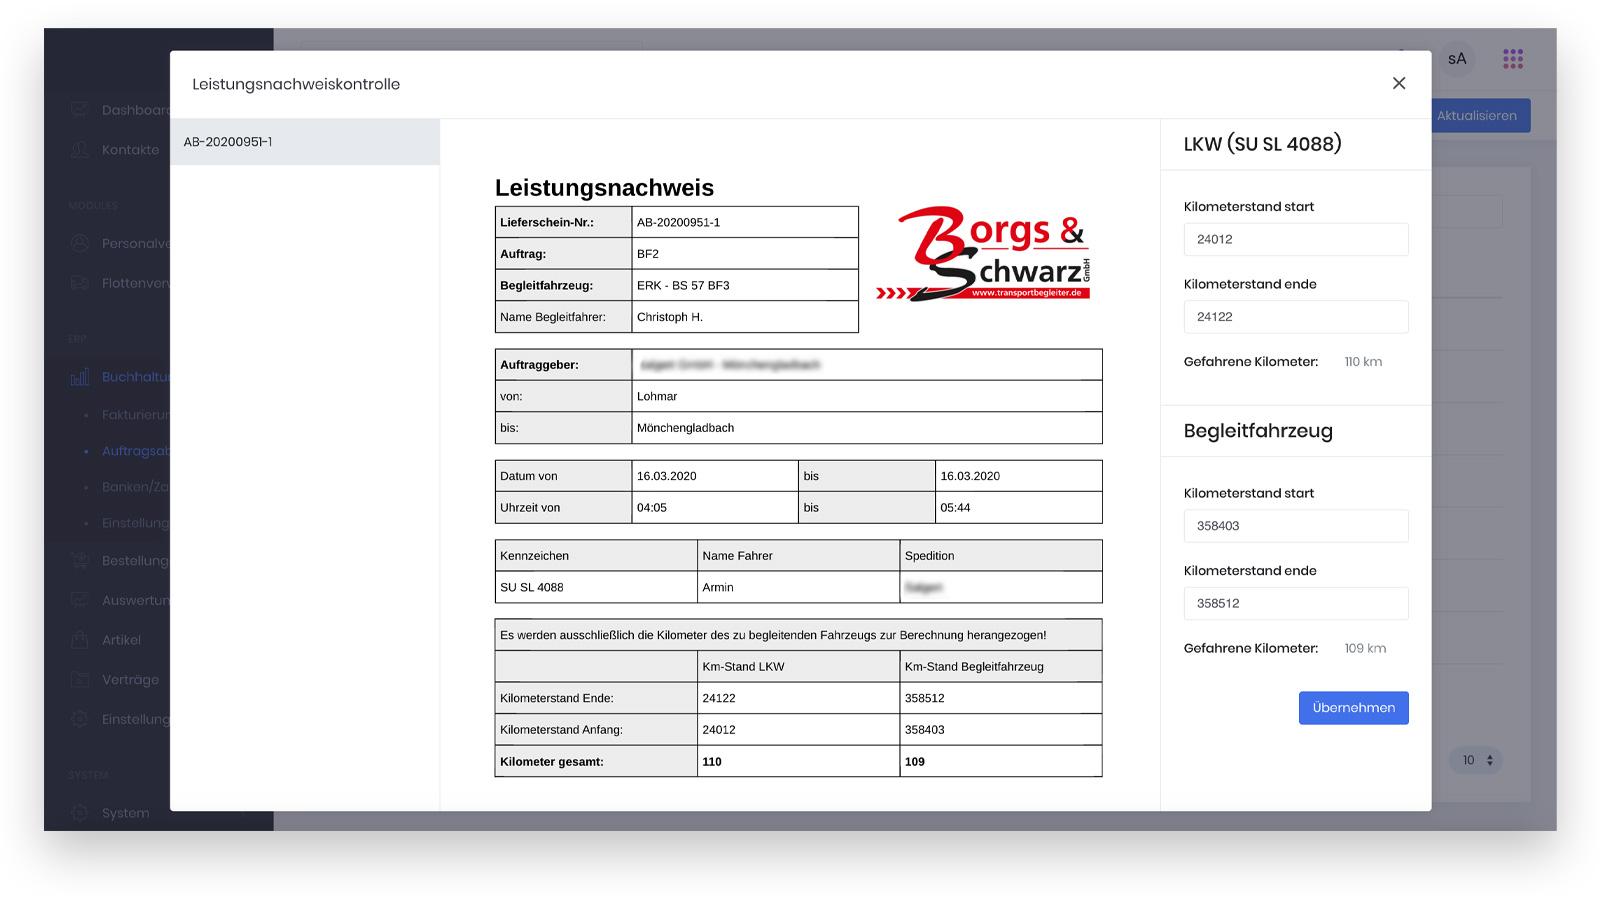 Borgs & Schwarz – Leistungsnachweis